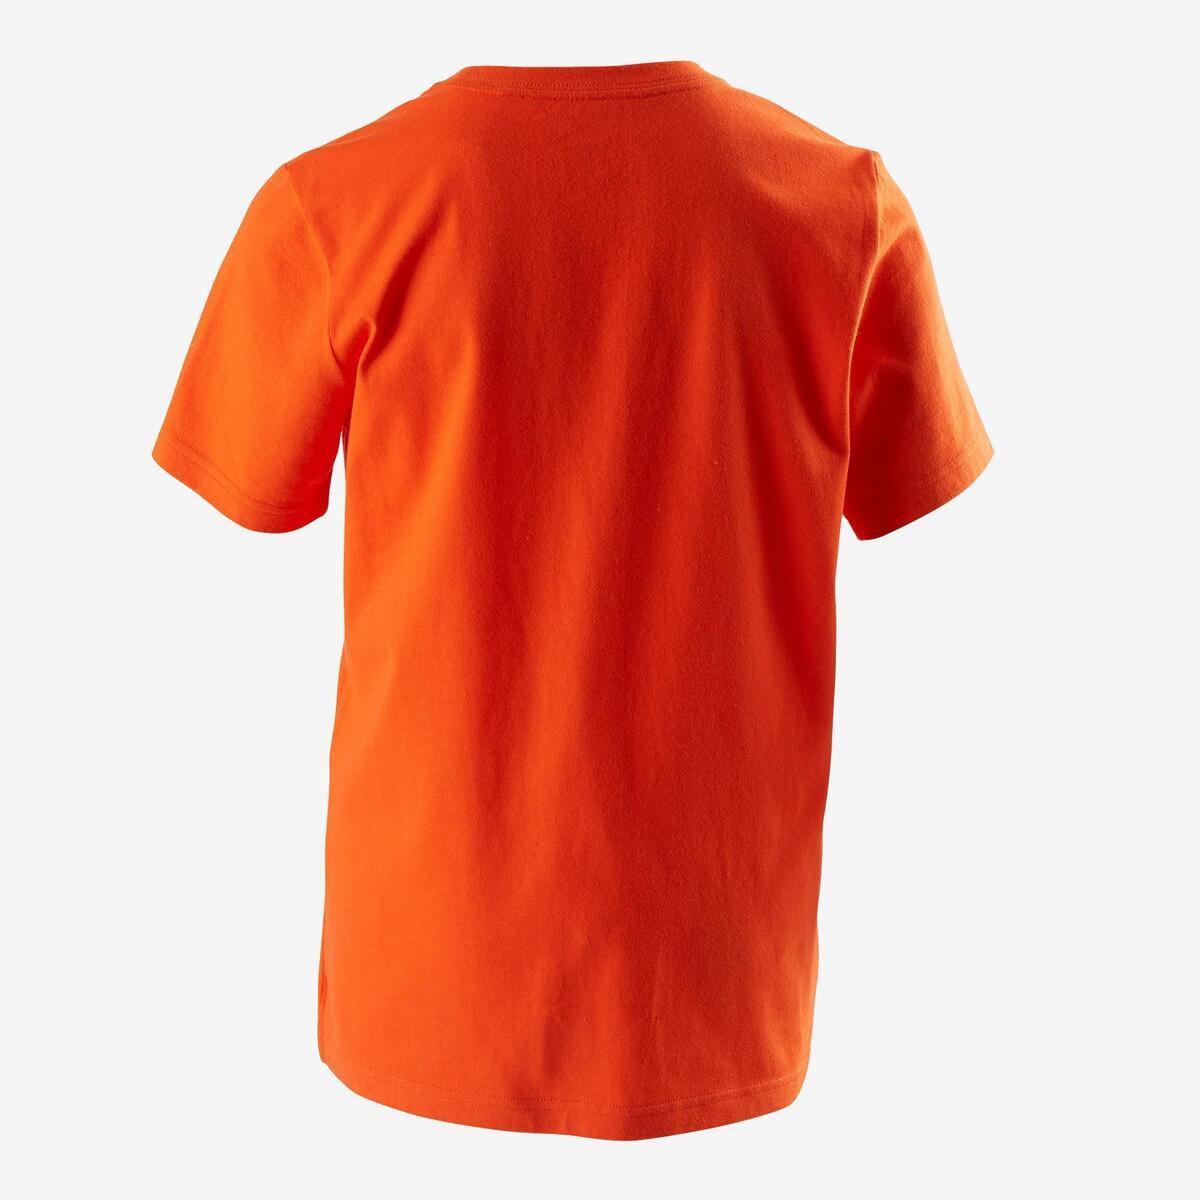 Bild 3 von T-Shirt Fitness Kinder orange